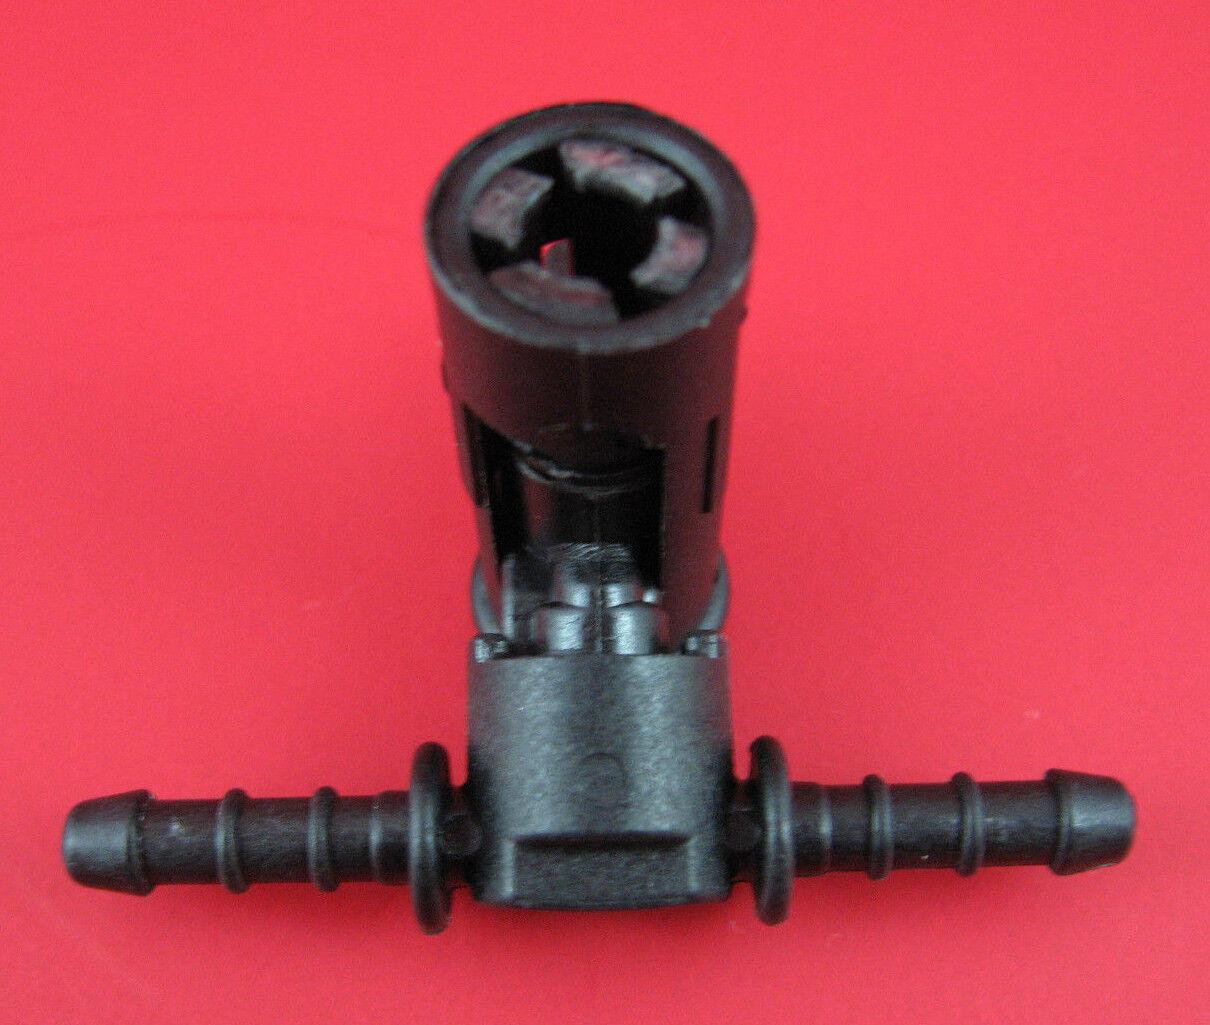 Duramax LML LGH Fuel Injector Return Fitting fits injectors 1,2,3,4,5,6 9th